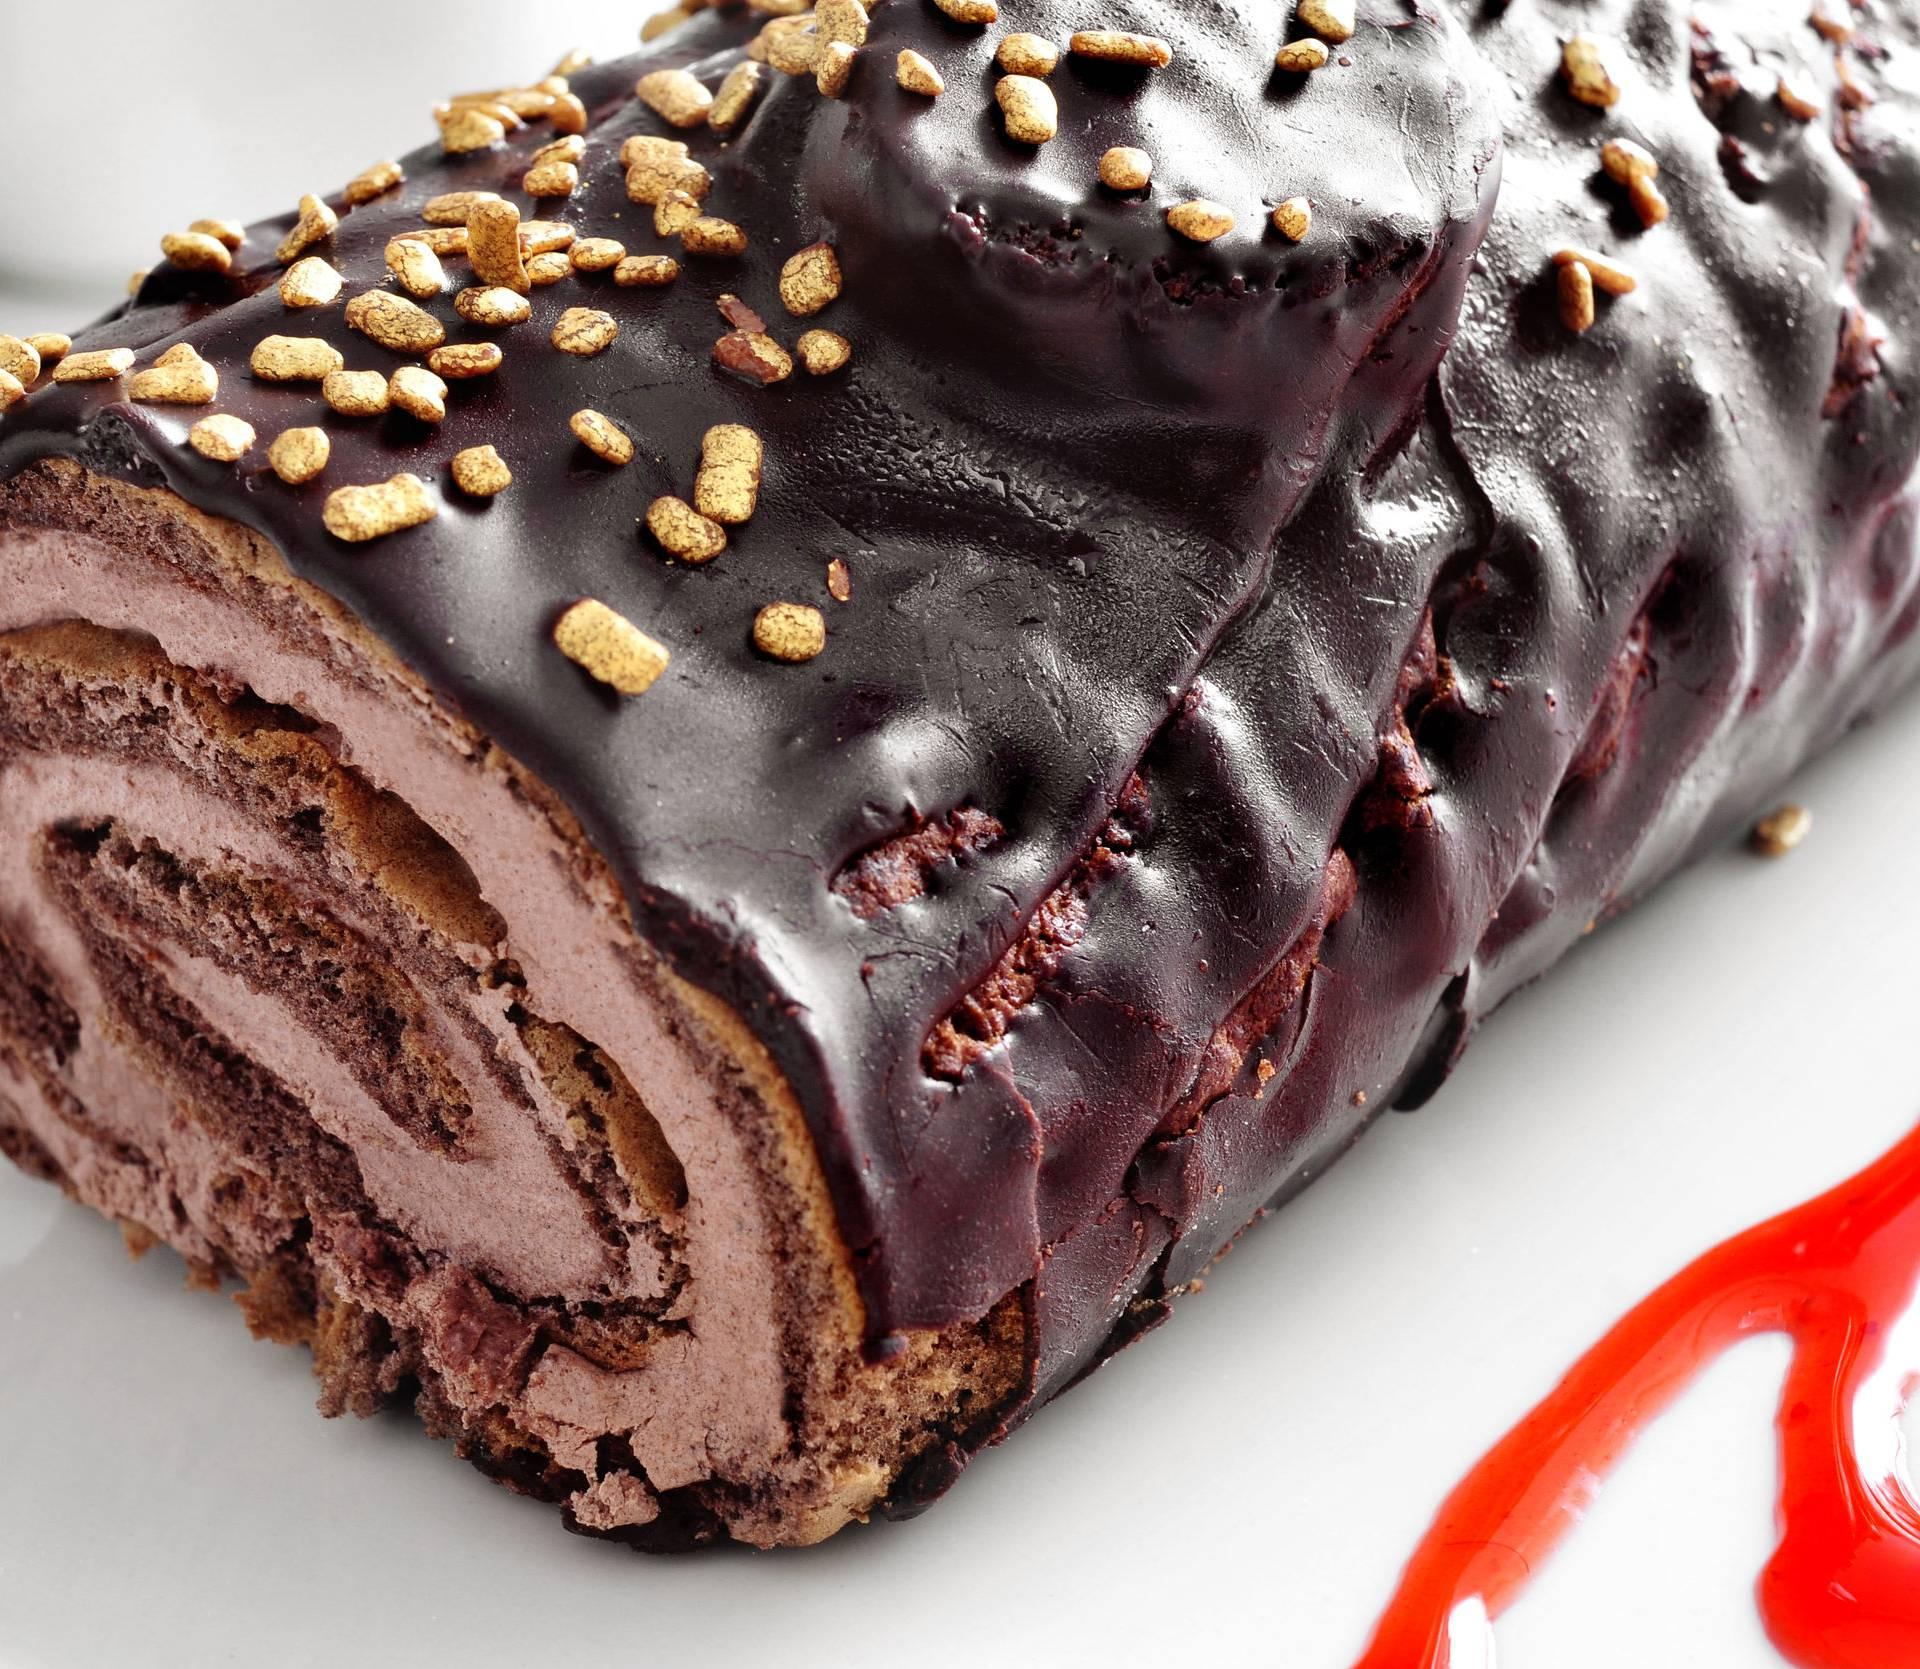 Božićni panj - čokoladni kralj blagdanskog stola koji fascinira